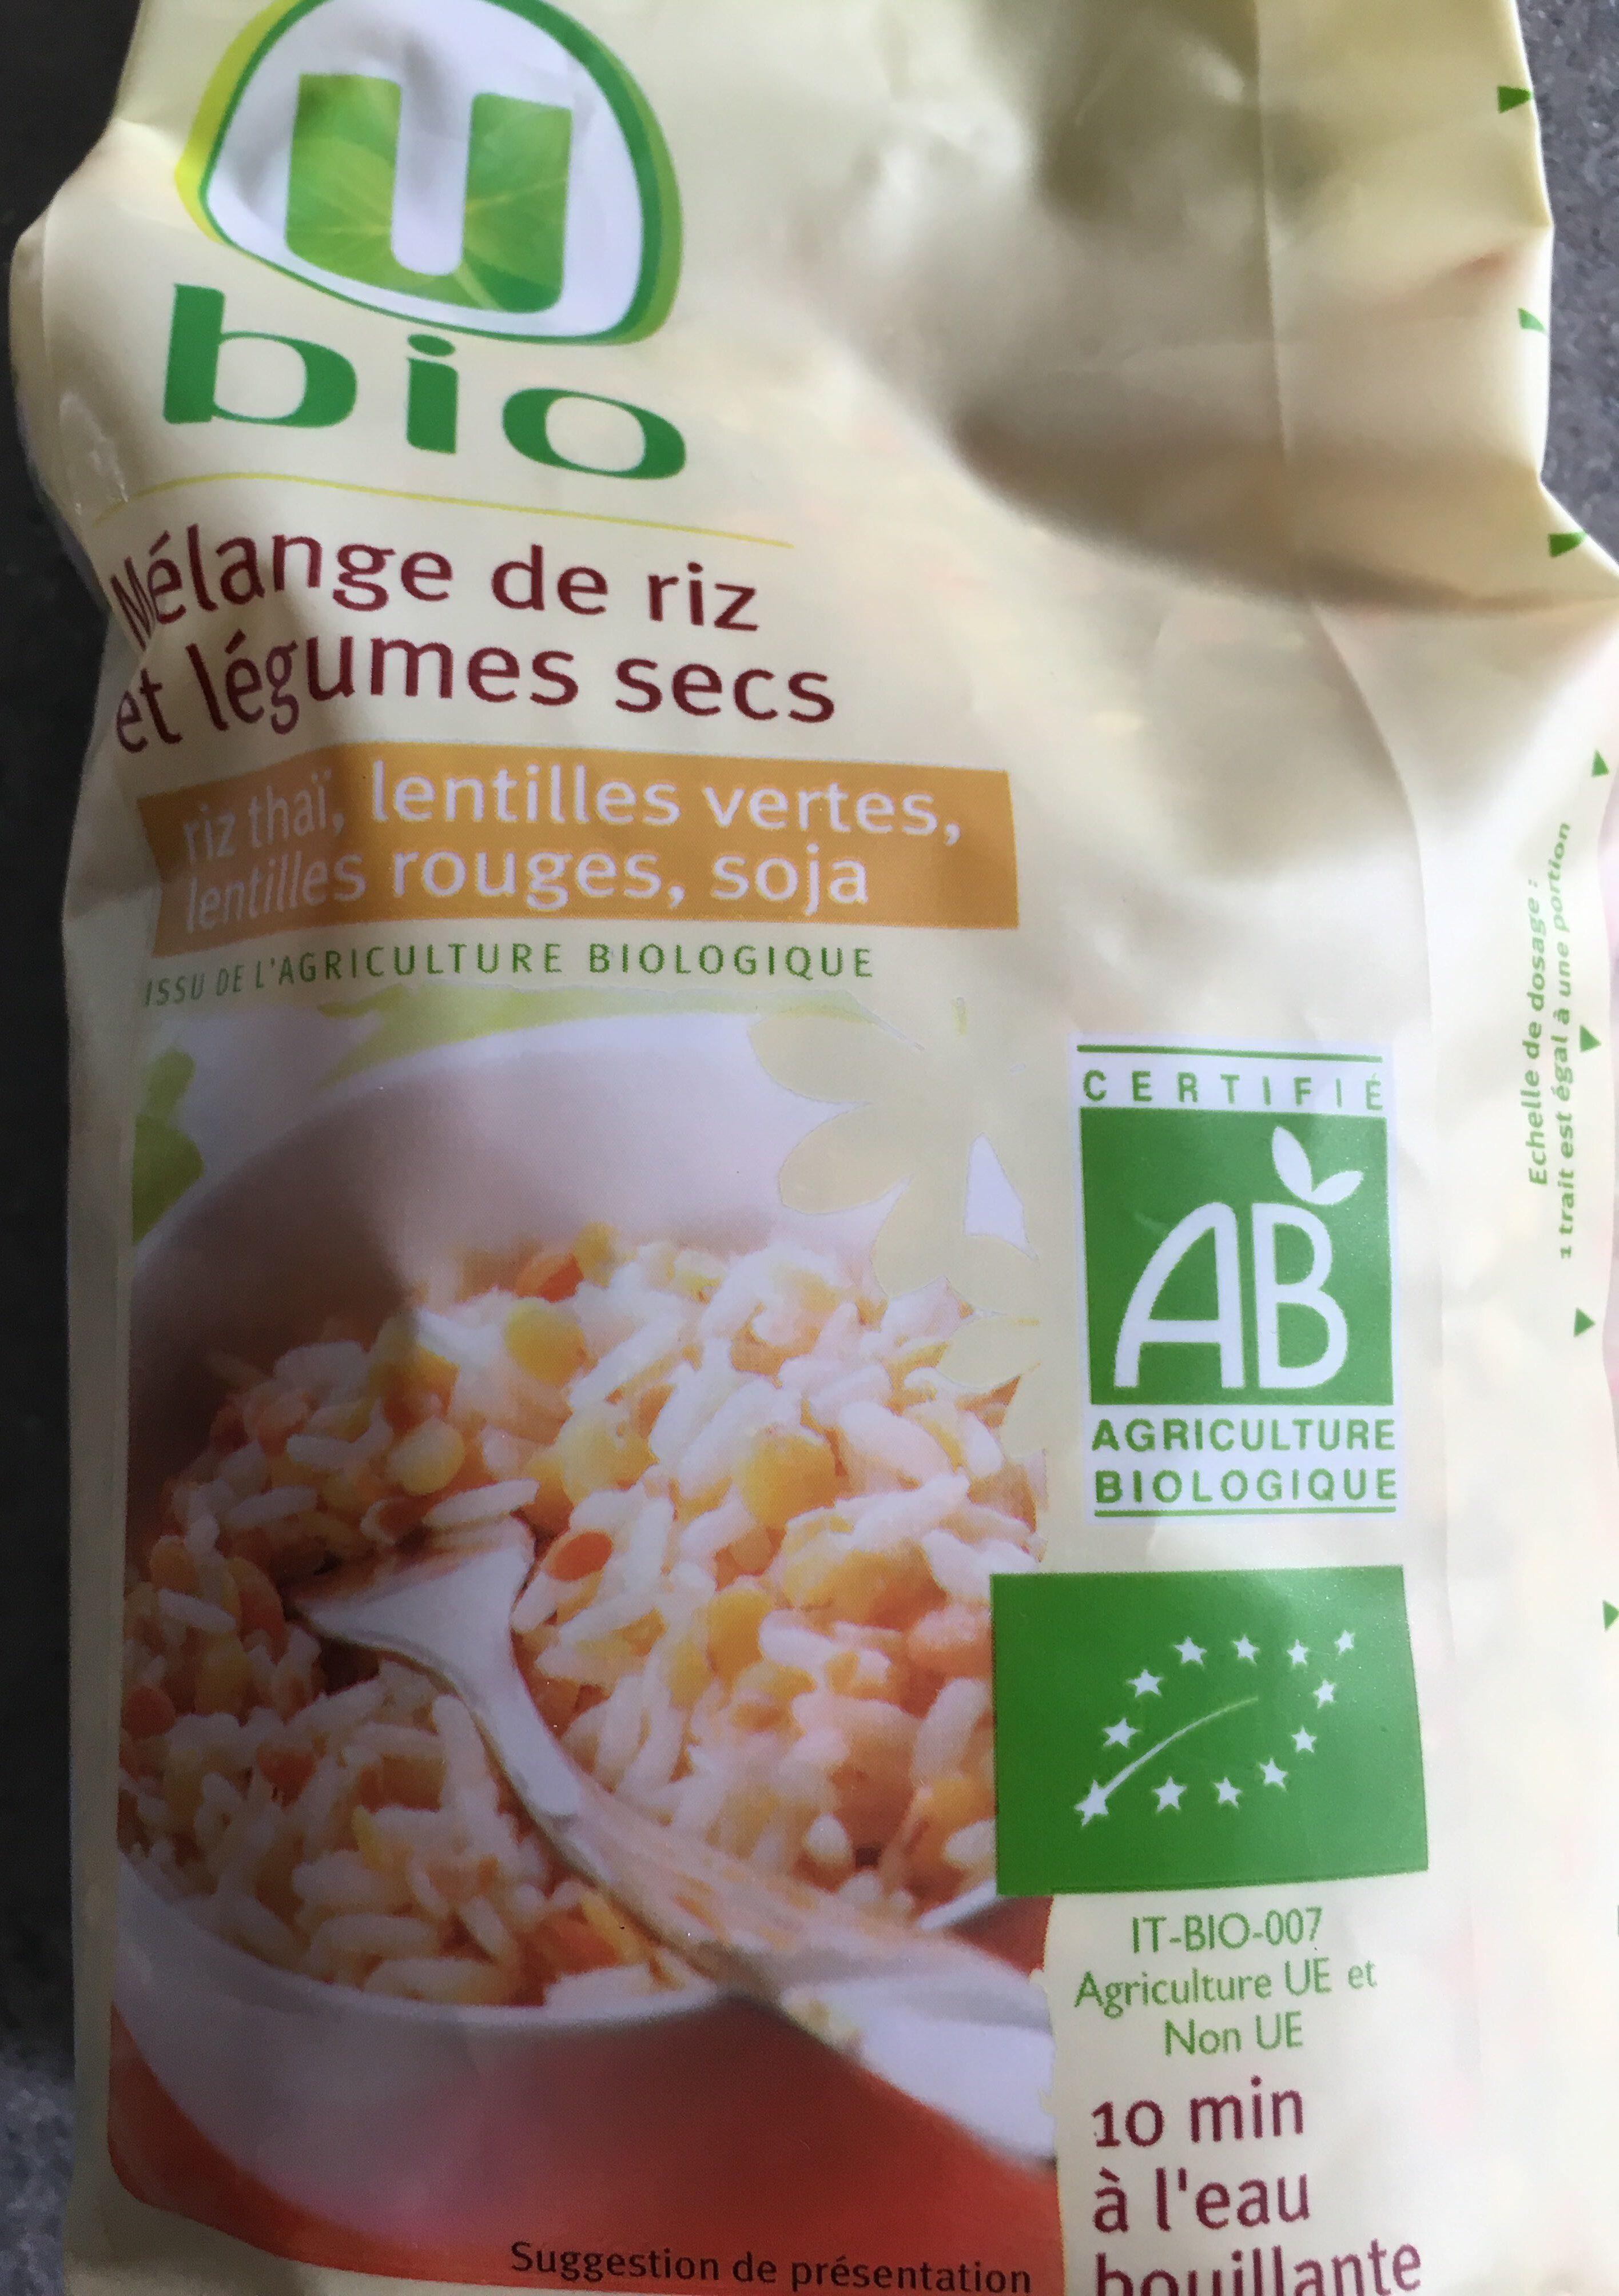 Mélange de riz et légumes secs - Product - fr